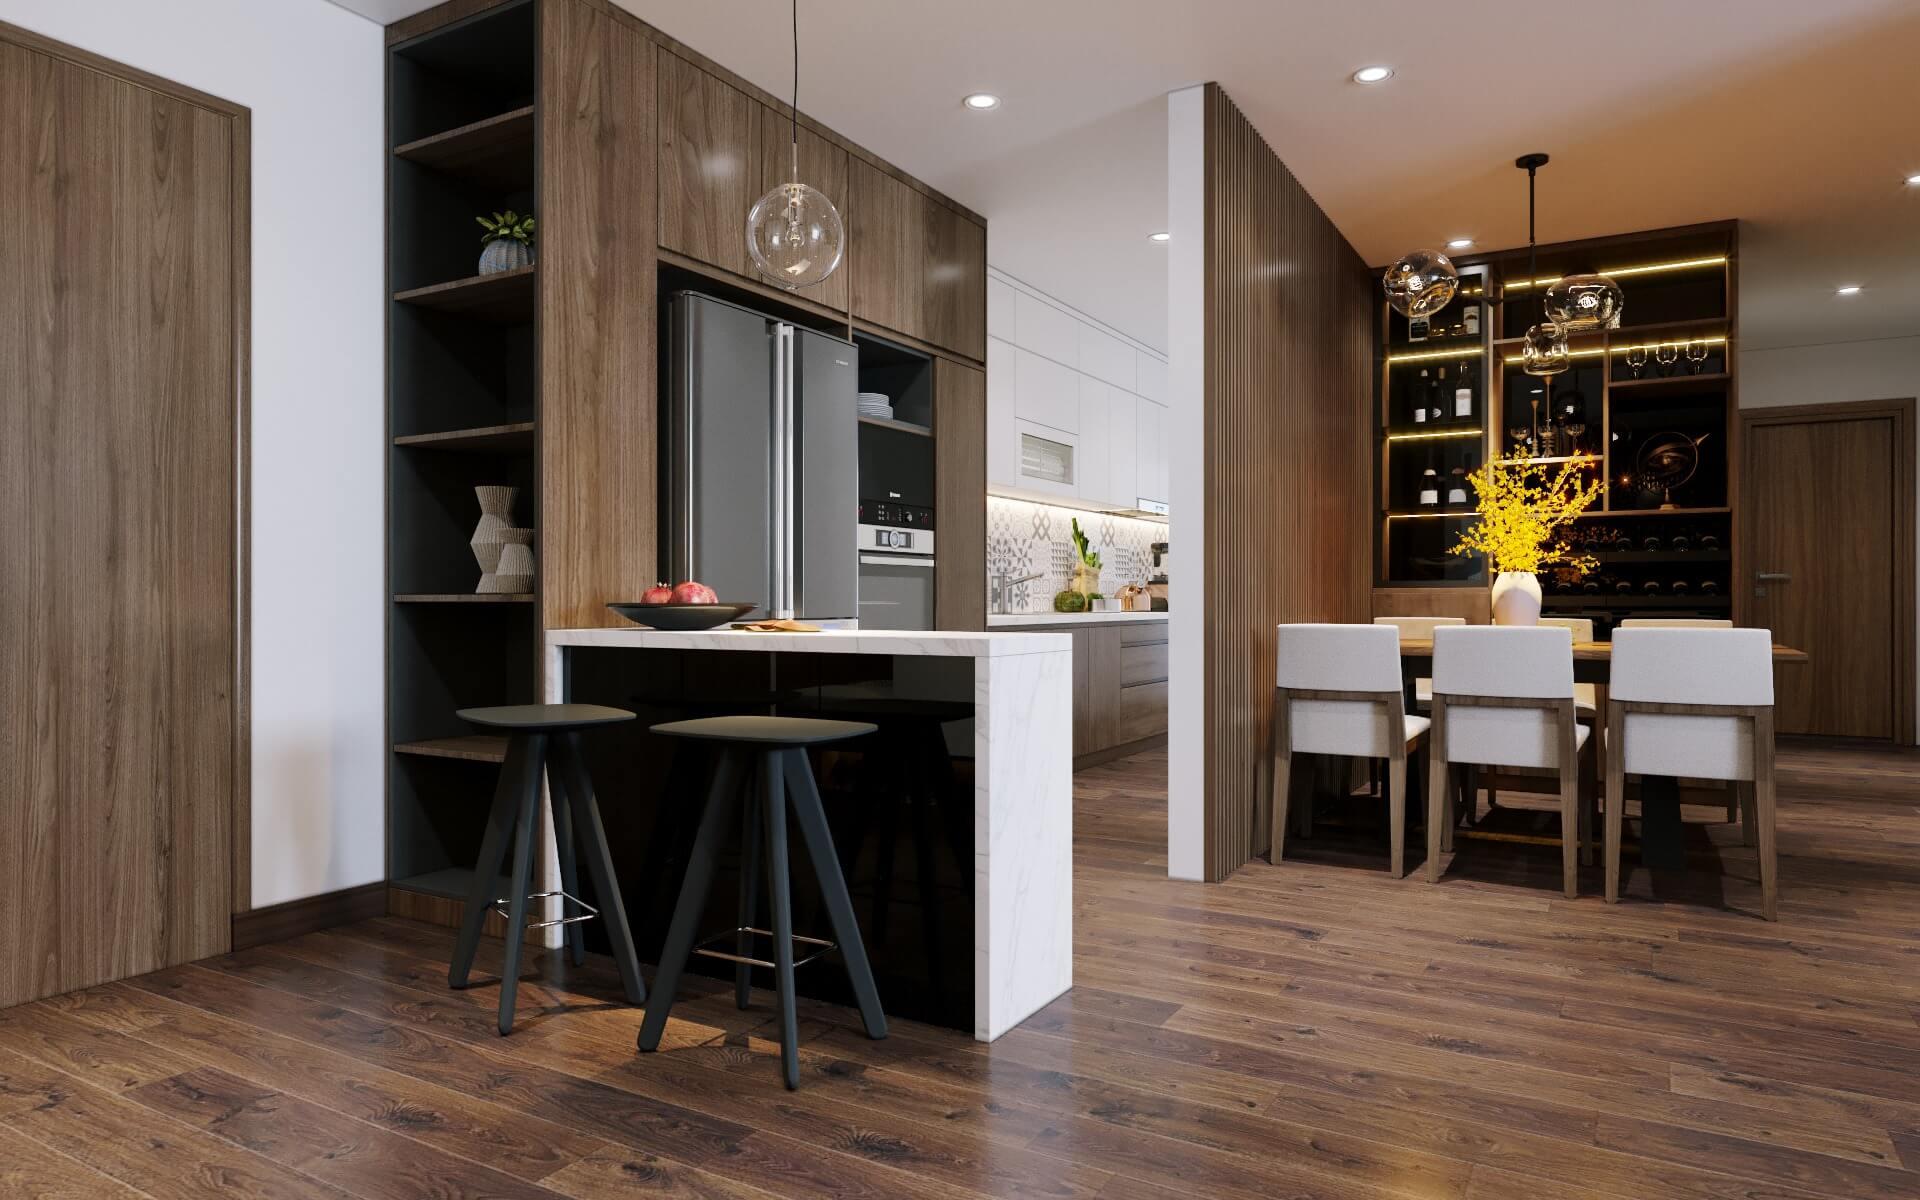 Không gian phòng khách - bếp tiện lợi